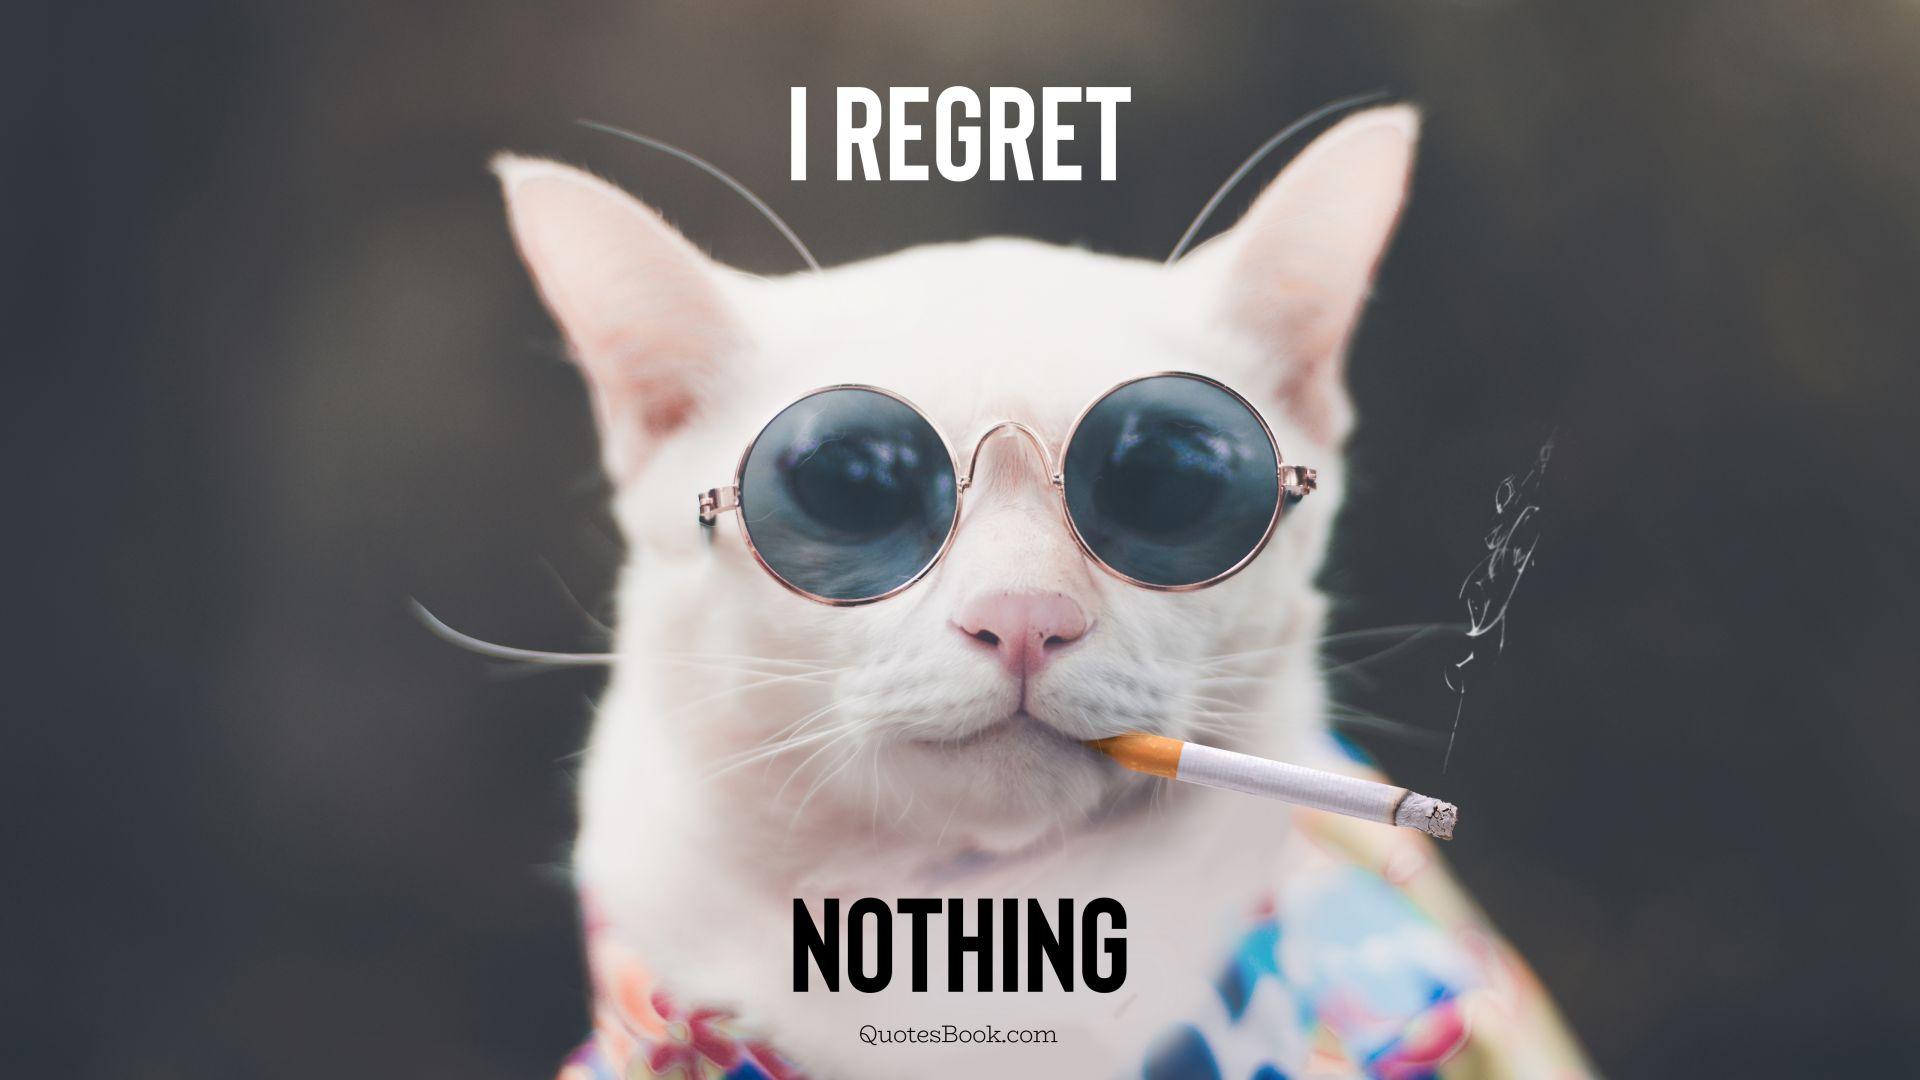 funny-meme-i-regret-nothing-4323.jpg